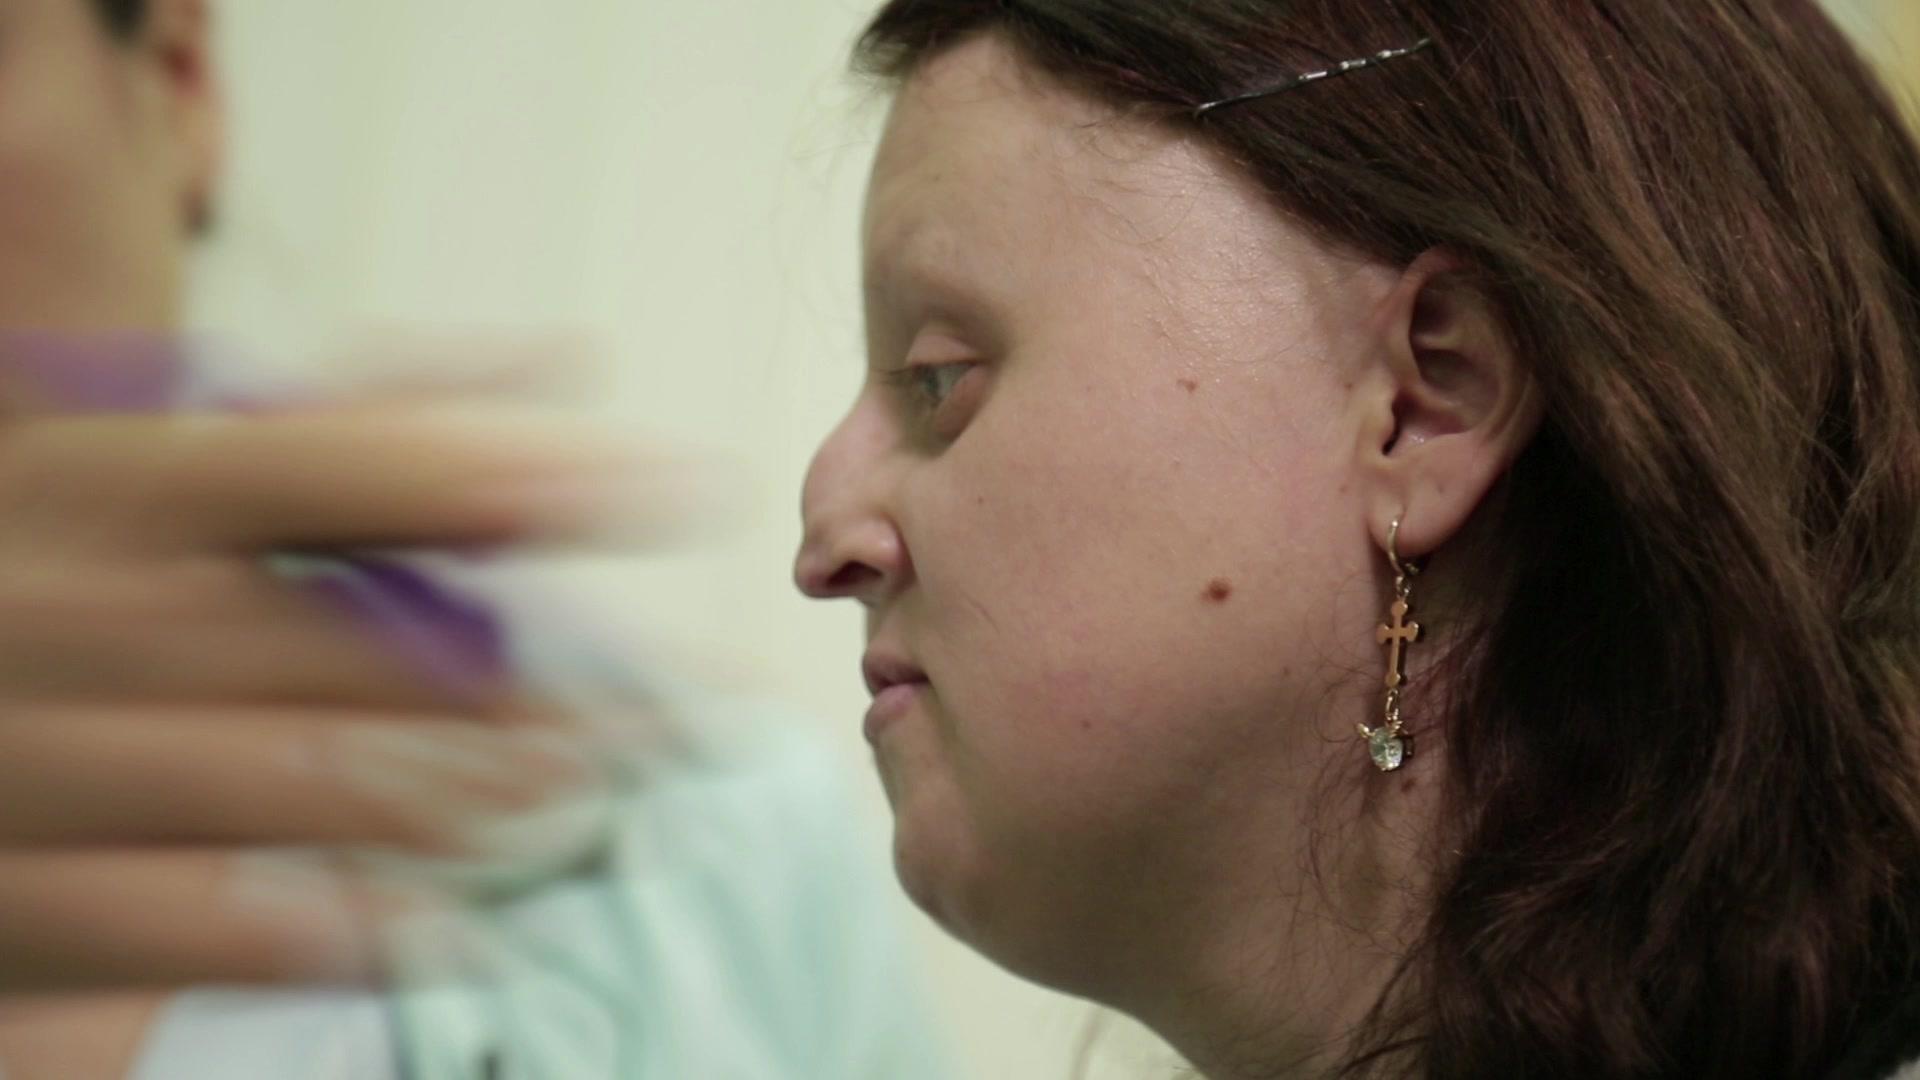 Консультация. Юлия впервые увидит, как она будет выглядеть после операции